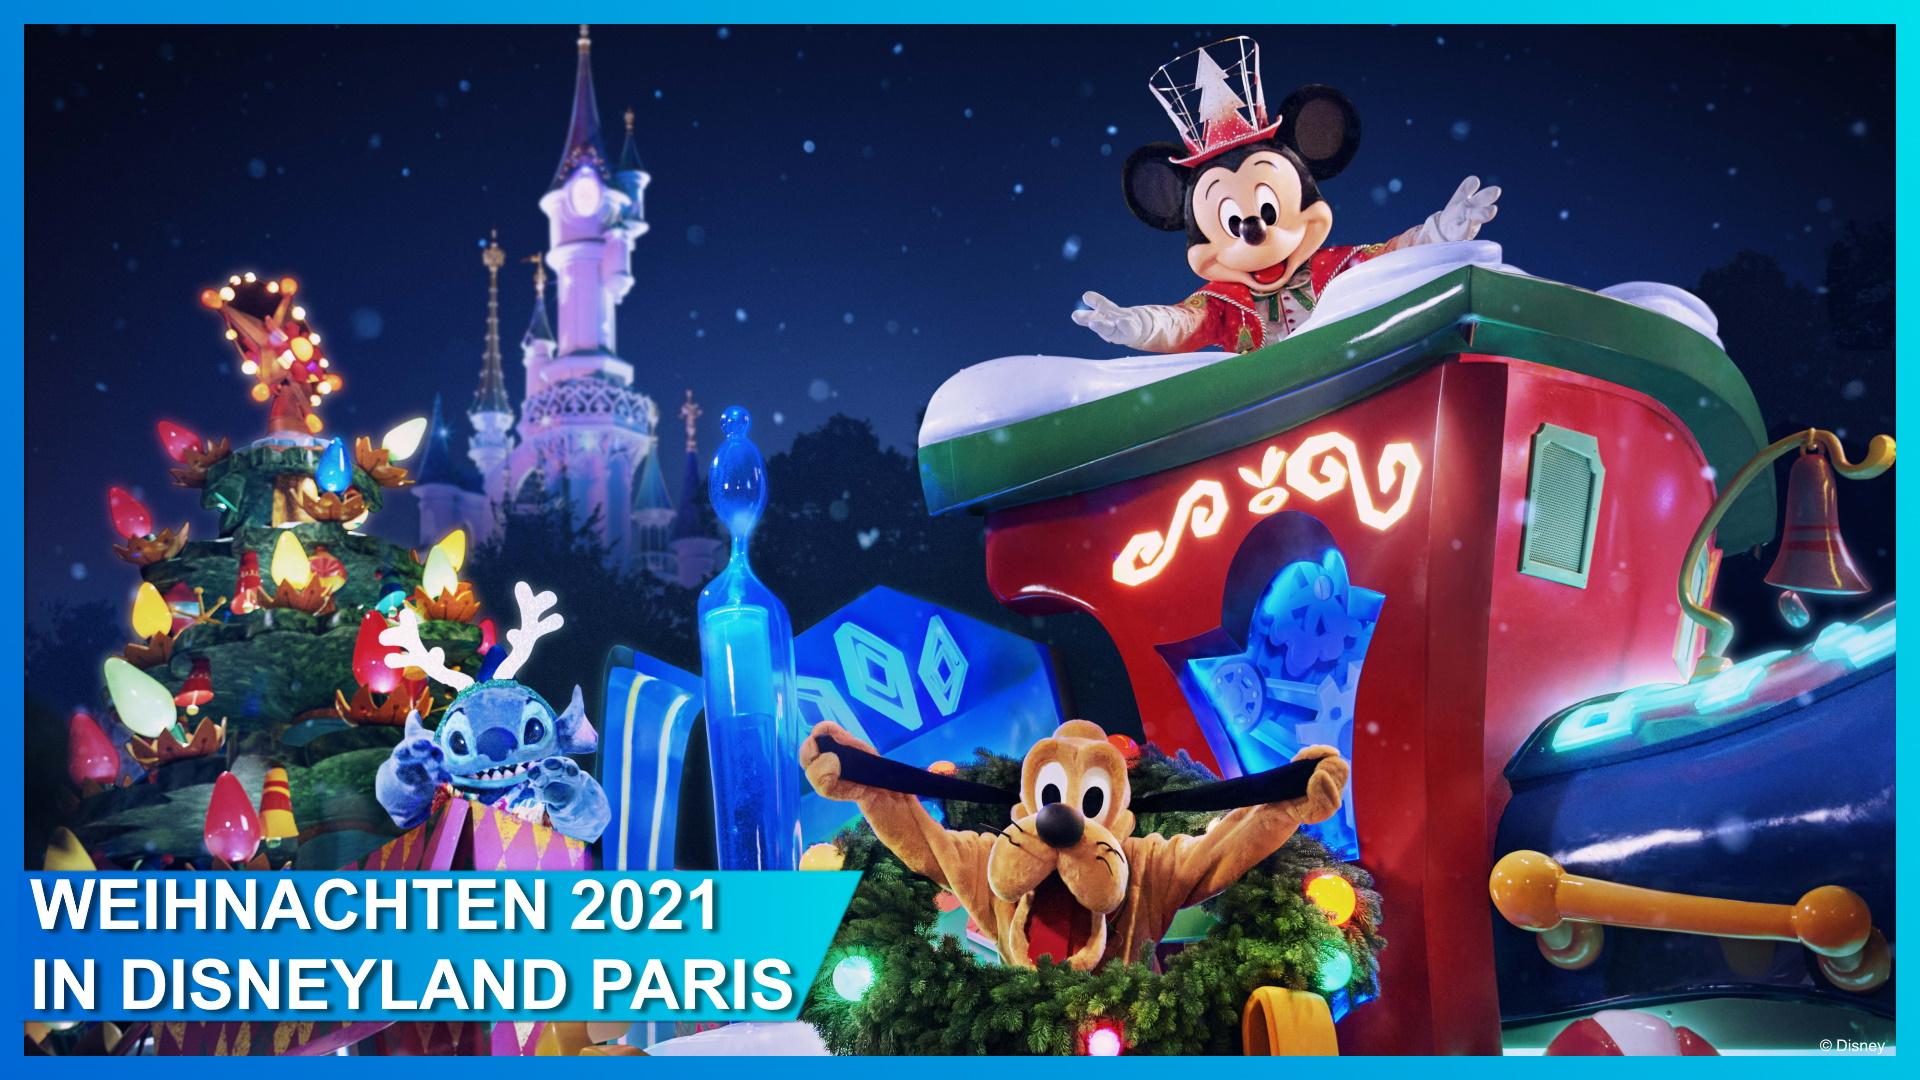 Disneyland Paris Weihnachten 2021